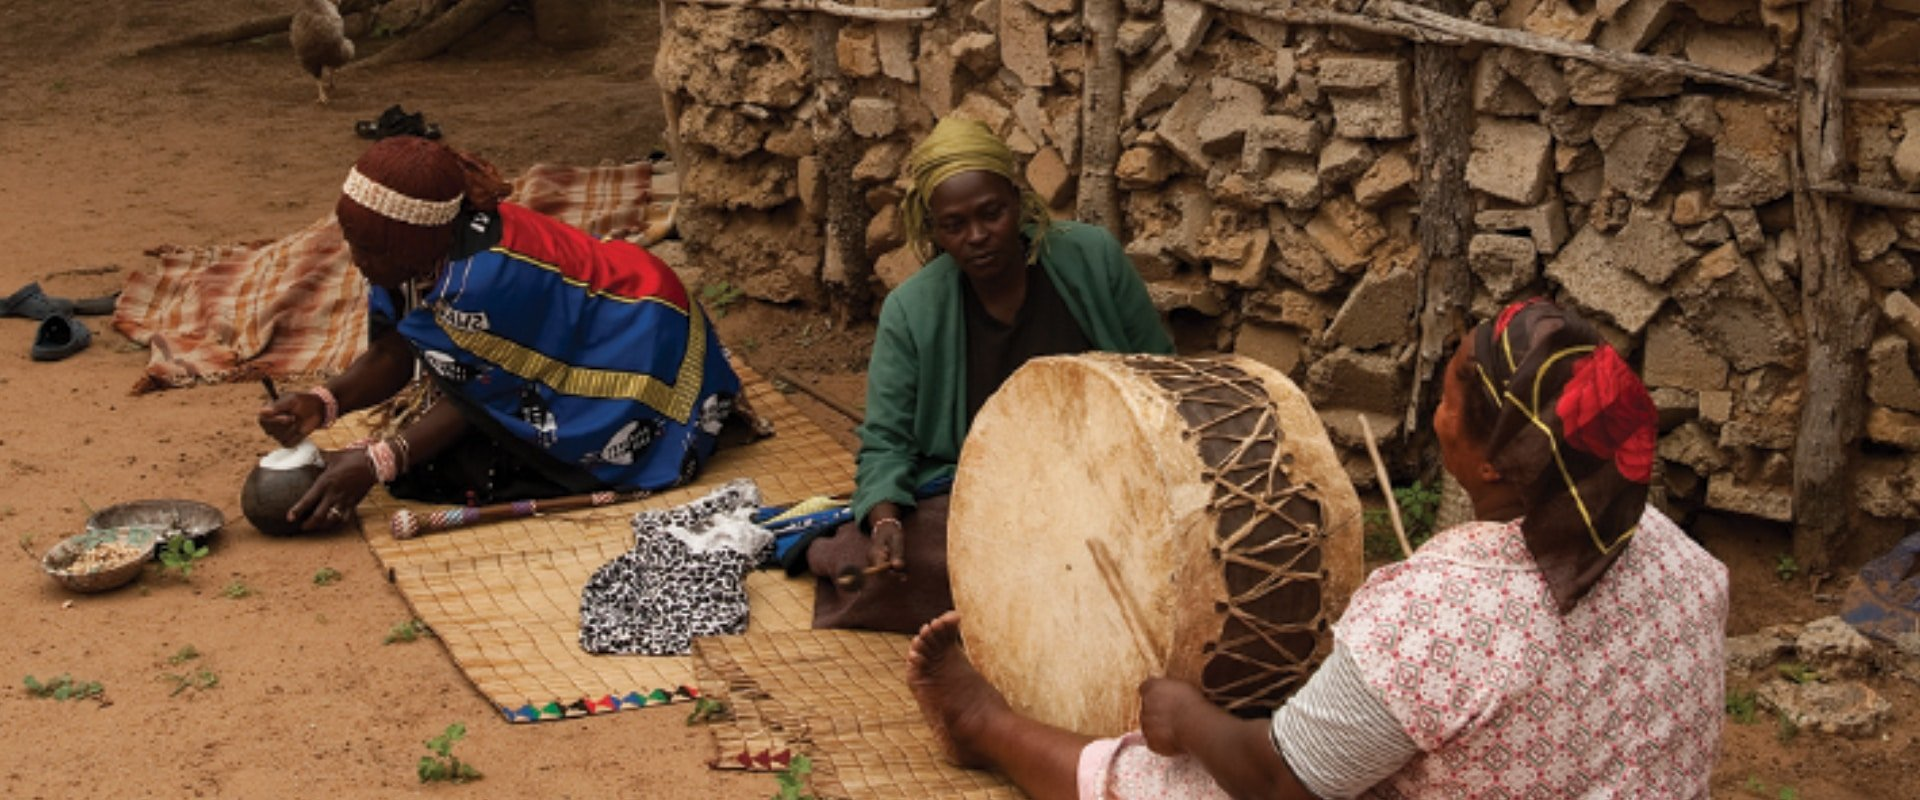 Visit a Zulu community